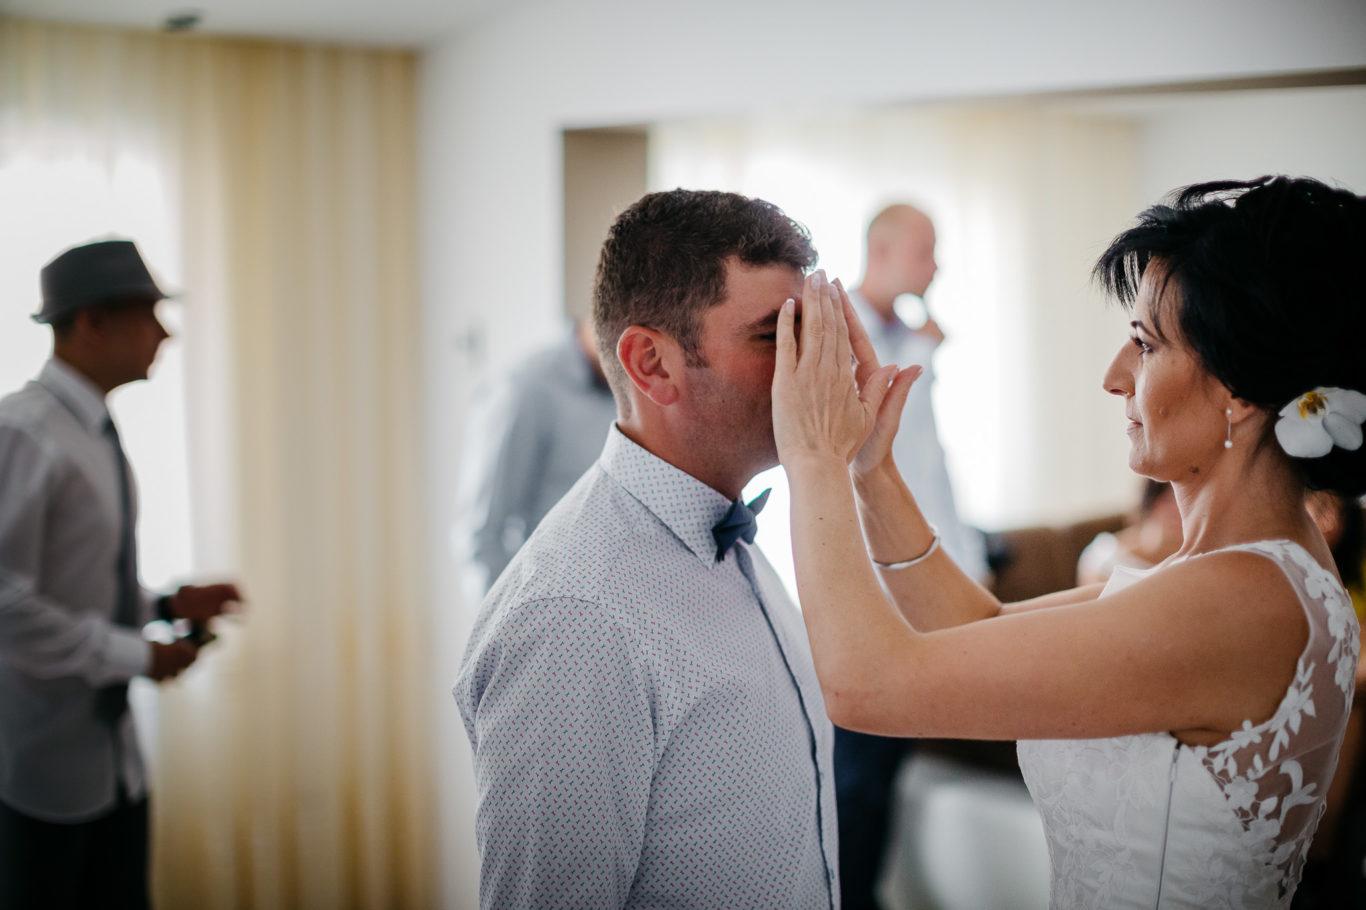 0027-fotografie-nunta-valea-de-pesti-vero-dani-fotograf-ciprian-dumitrescu-cd2_0244